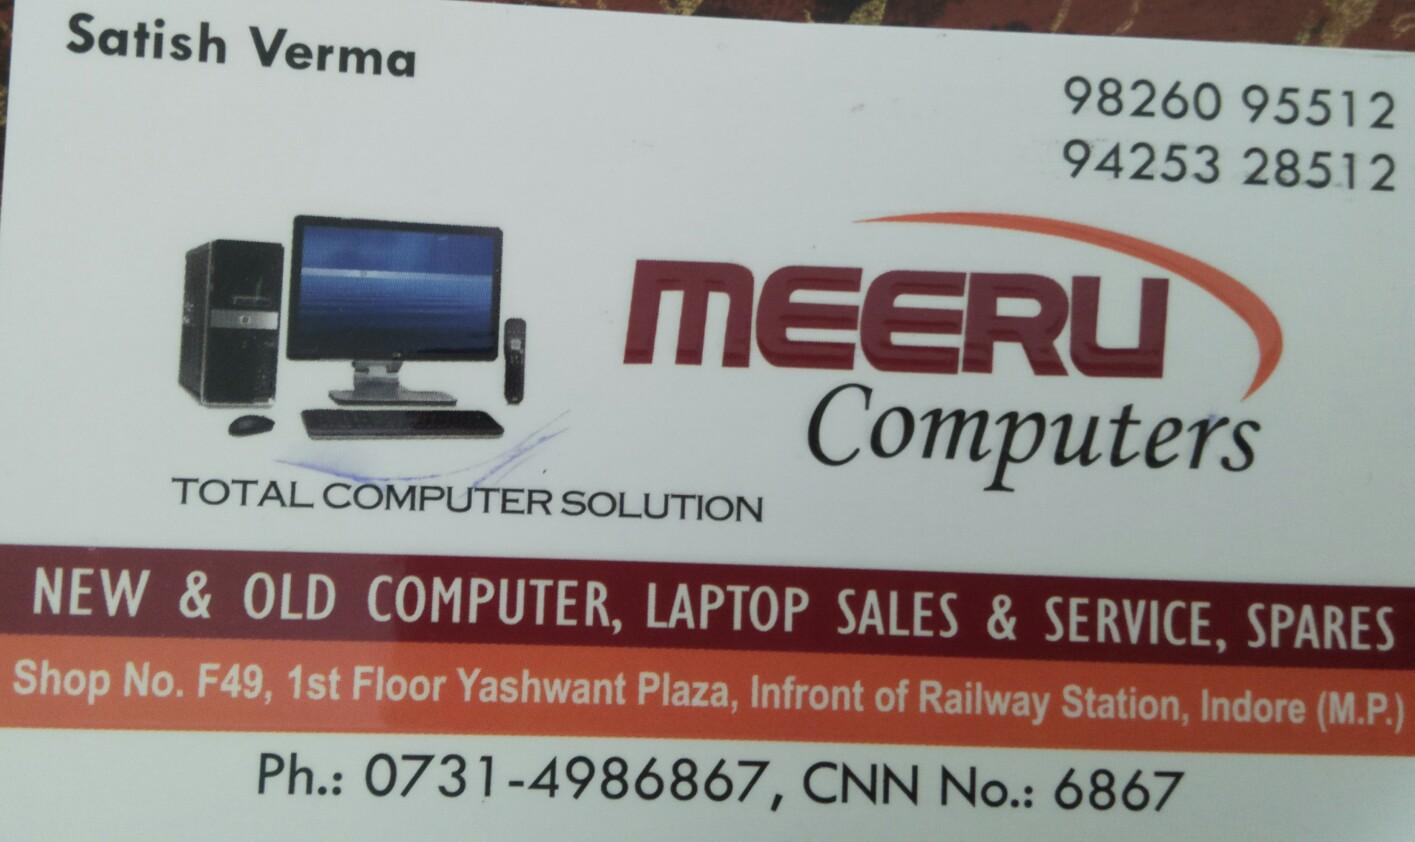 Meeru computers